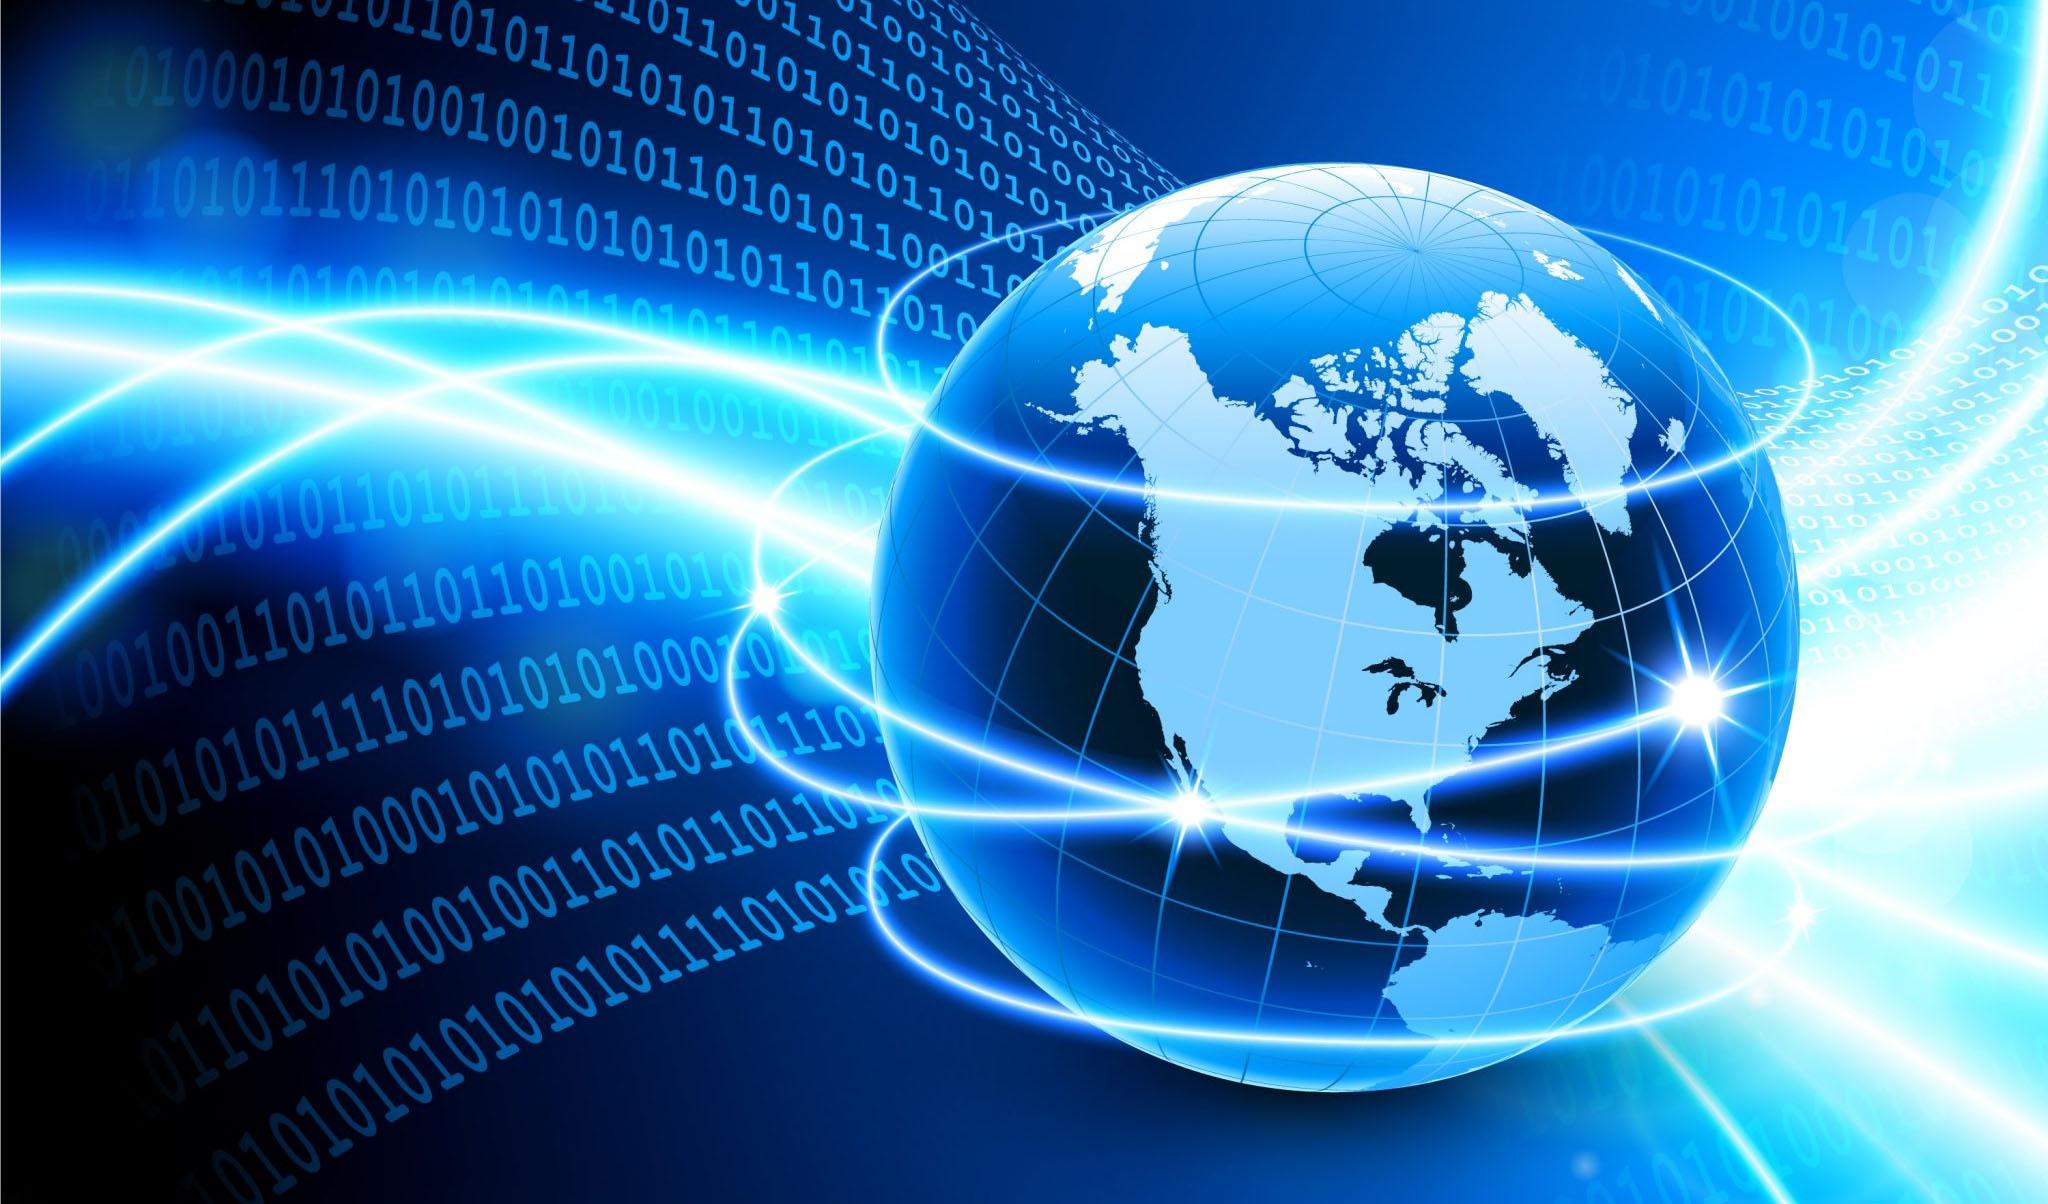 جهش ۱۵ میلیونی تعداد مشترکان اینترنت سیار در سال ۹۹